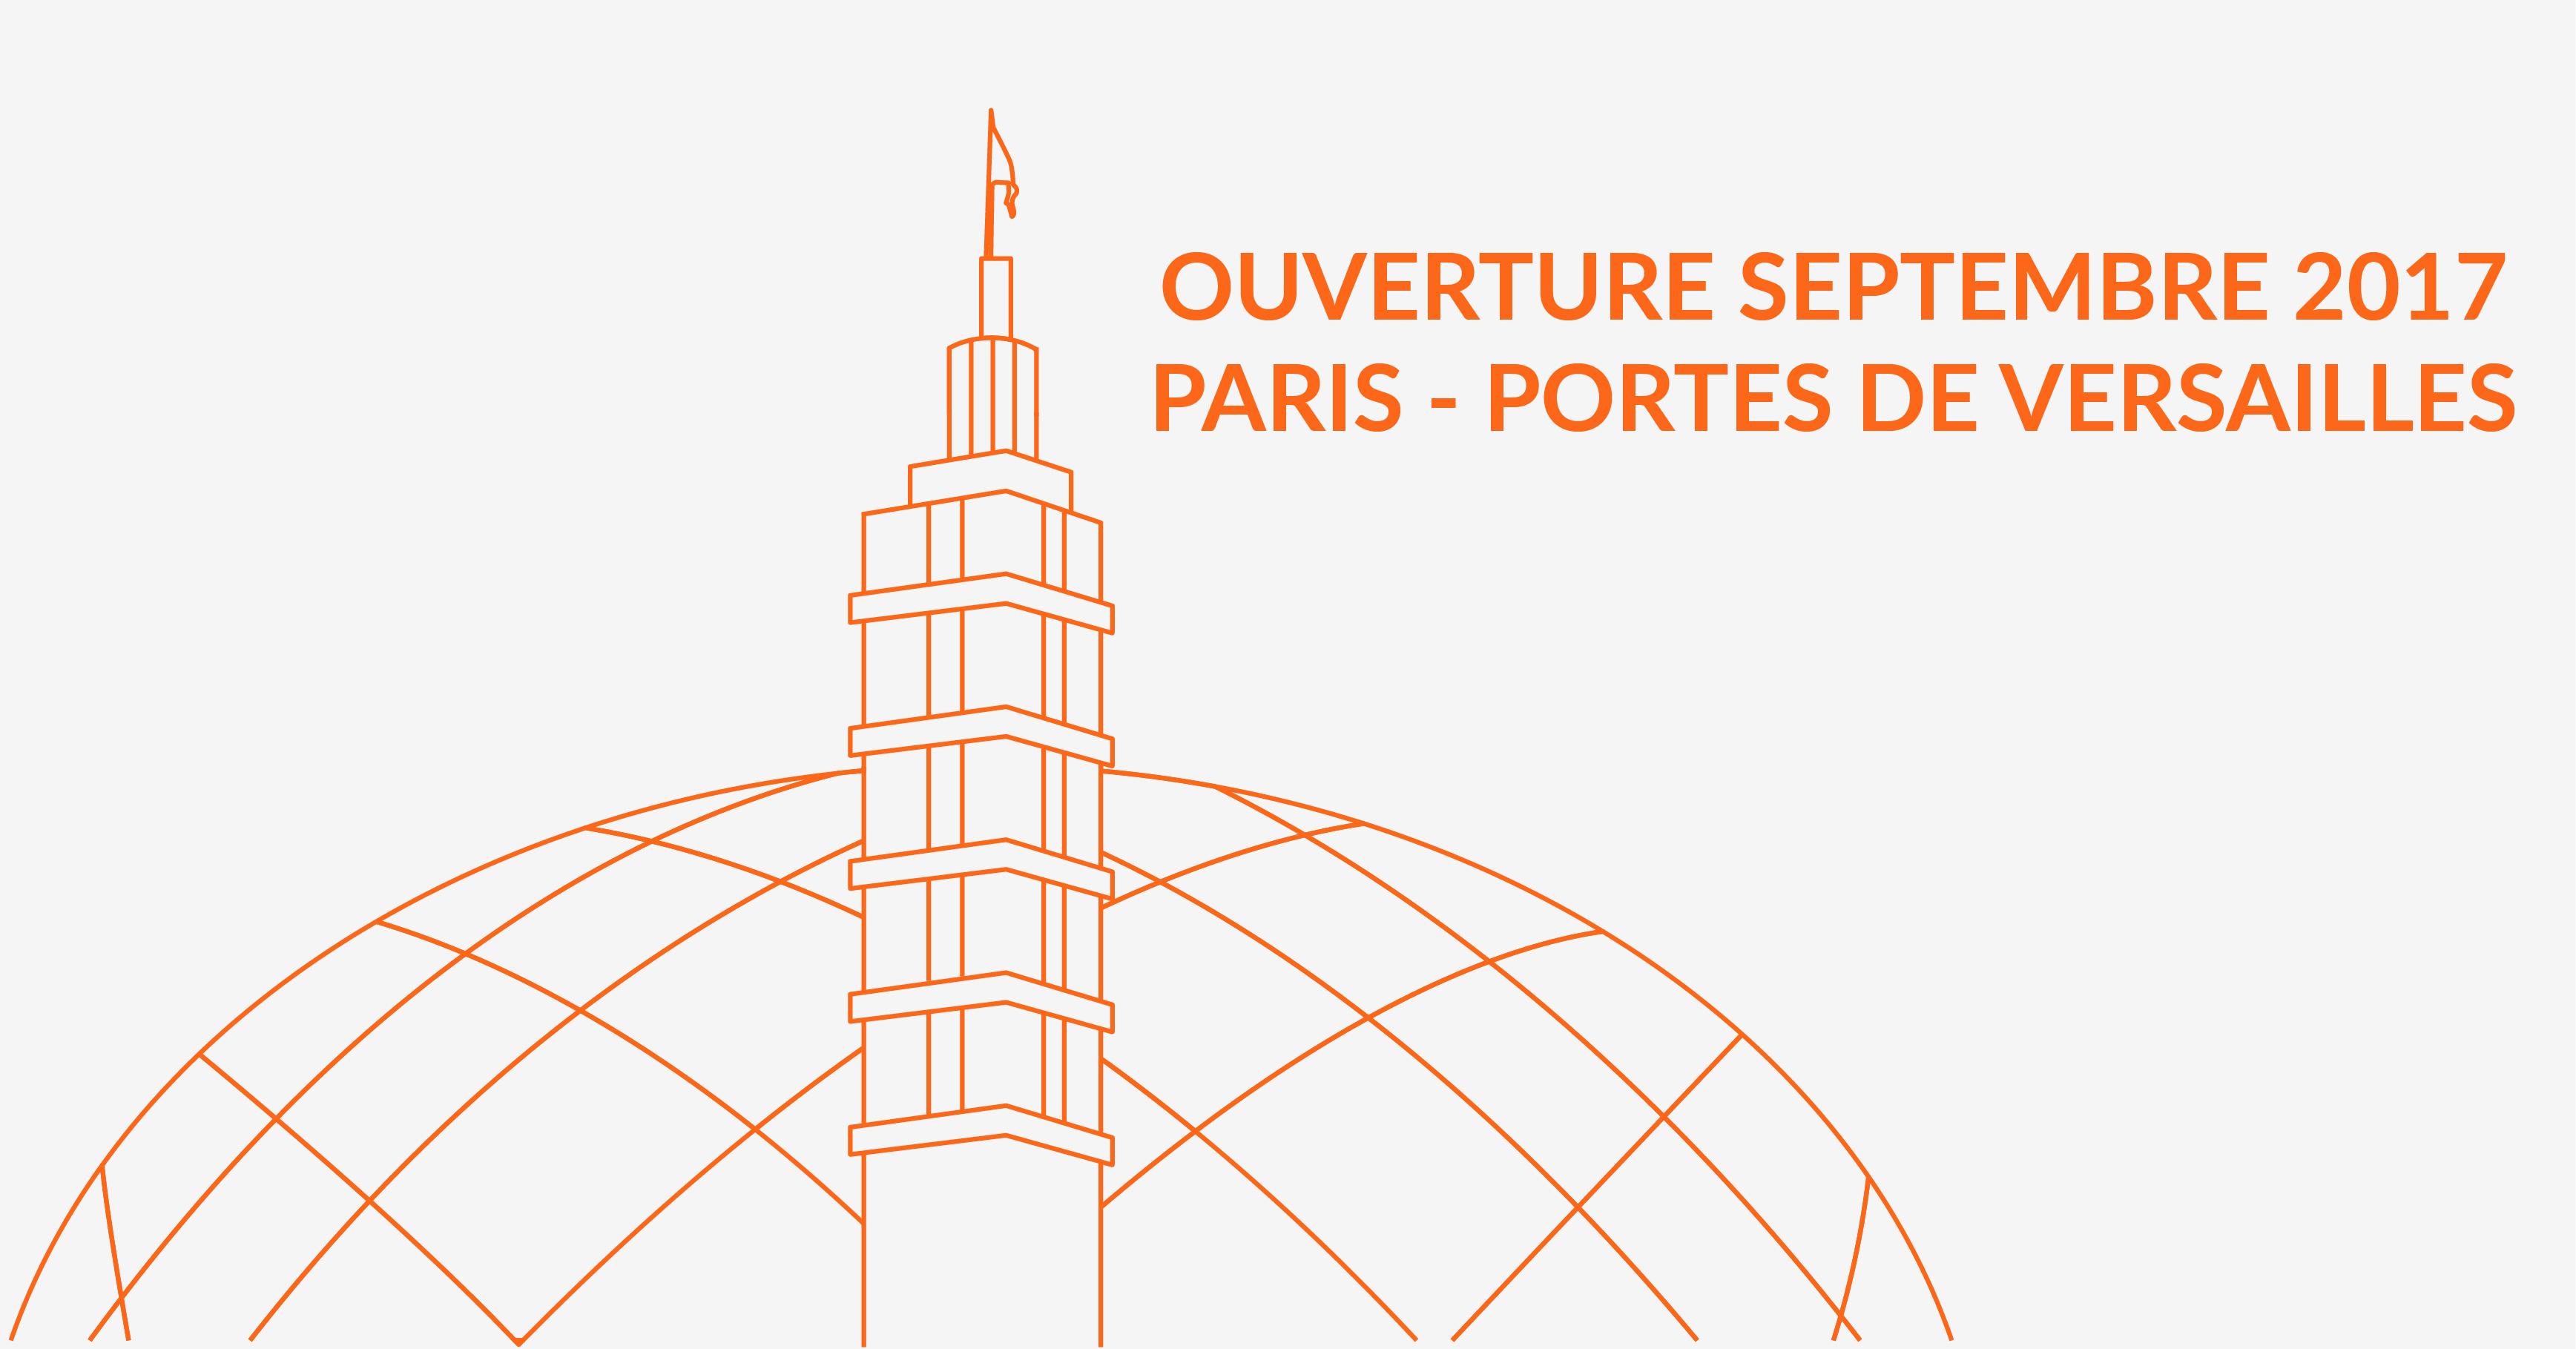 Nextgroup ouvre son 4ème site parisien